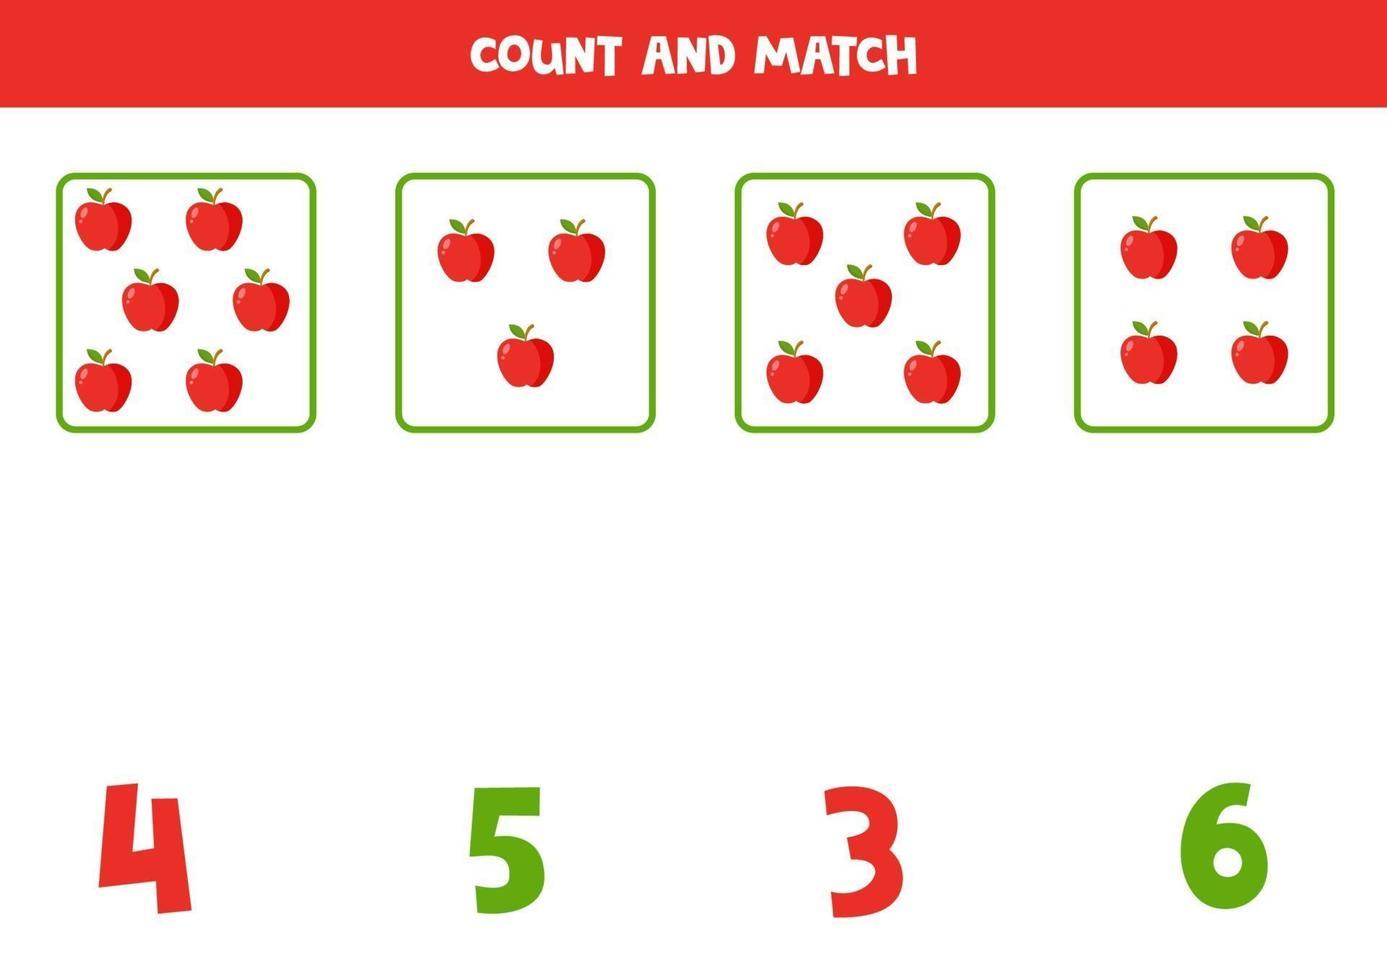 tellen spel voor kinderen. wiskundig spel met cartoon appels. vector